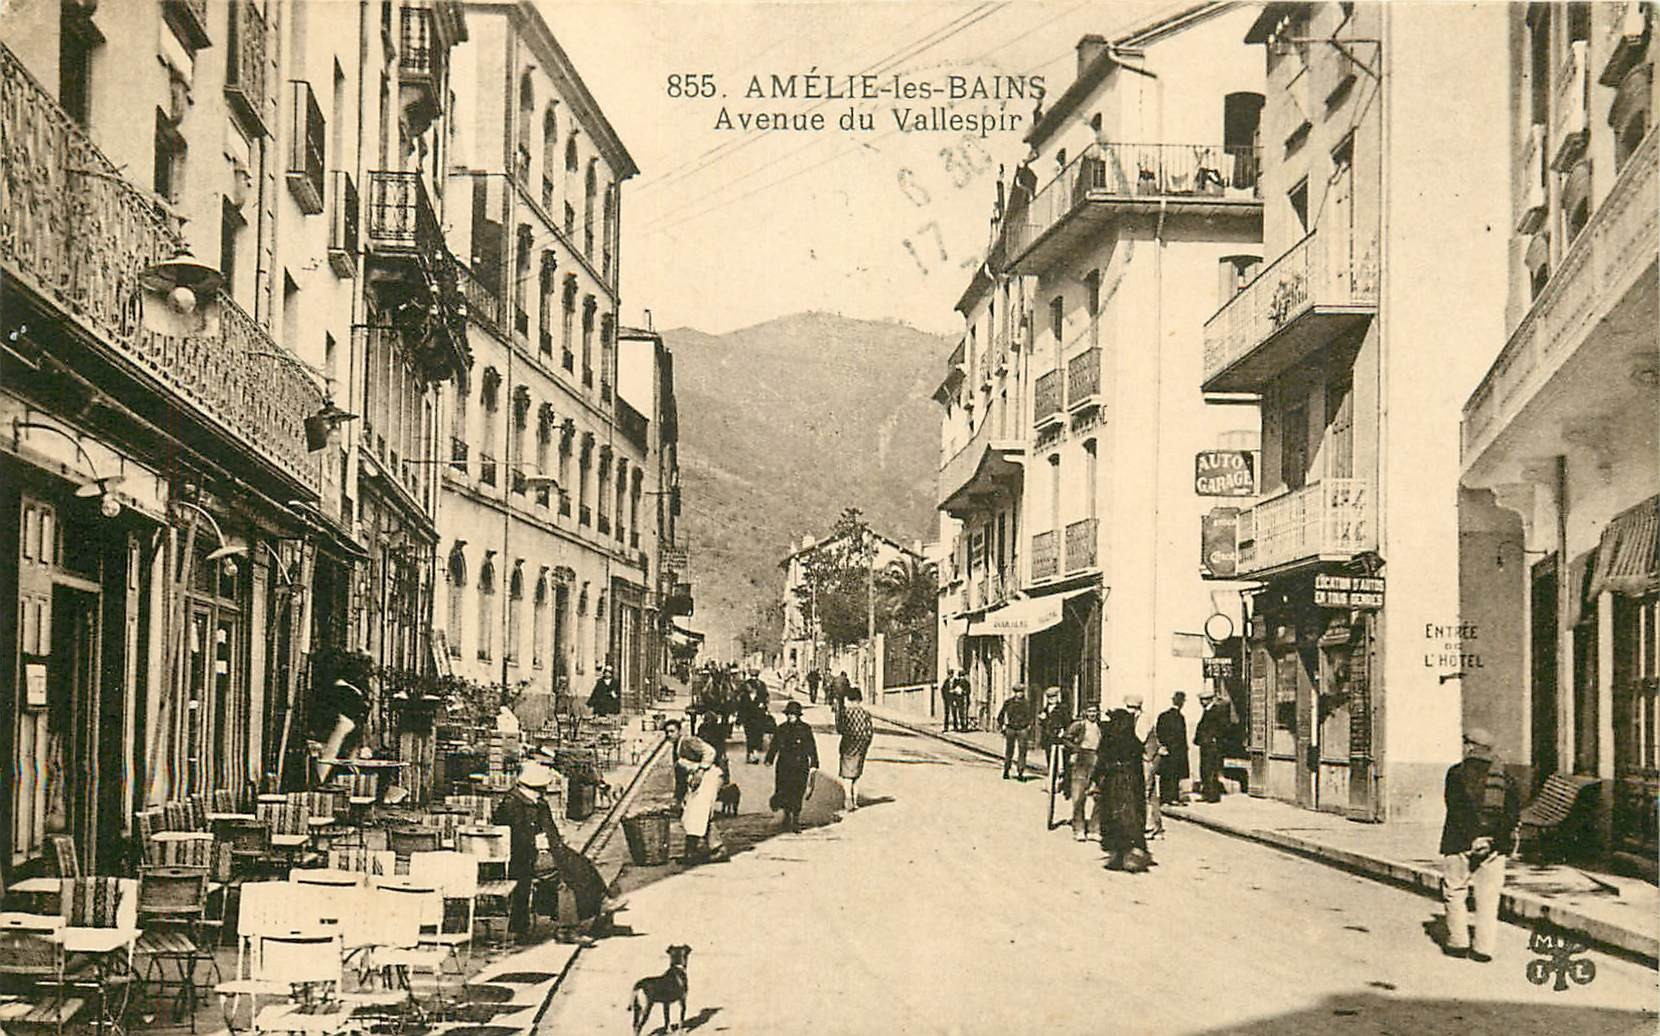 WW 66 AMELIE-LES-BAINS. Terrasses Cafés Avenue du Vallespir 1930